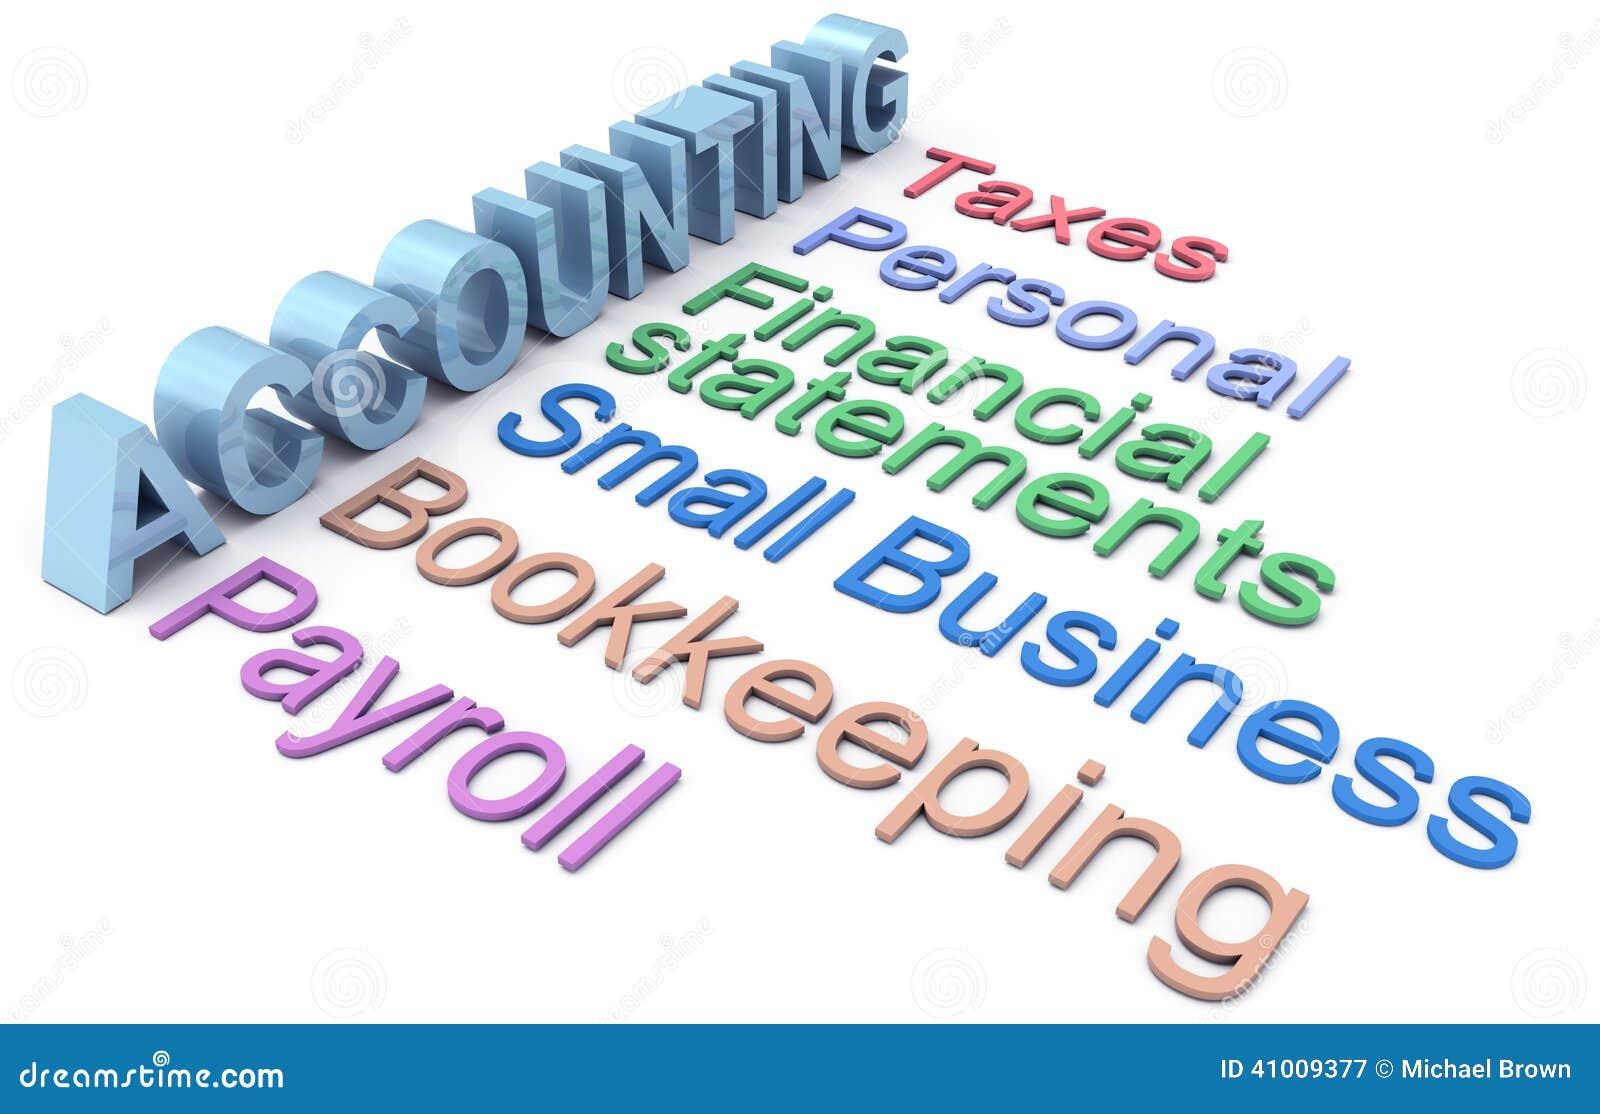 Buchhaltungssteuergehaltsabrechnungsmeldewörter